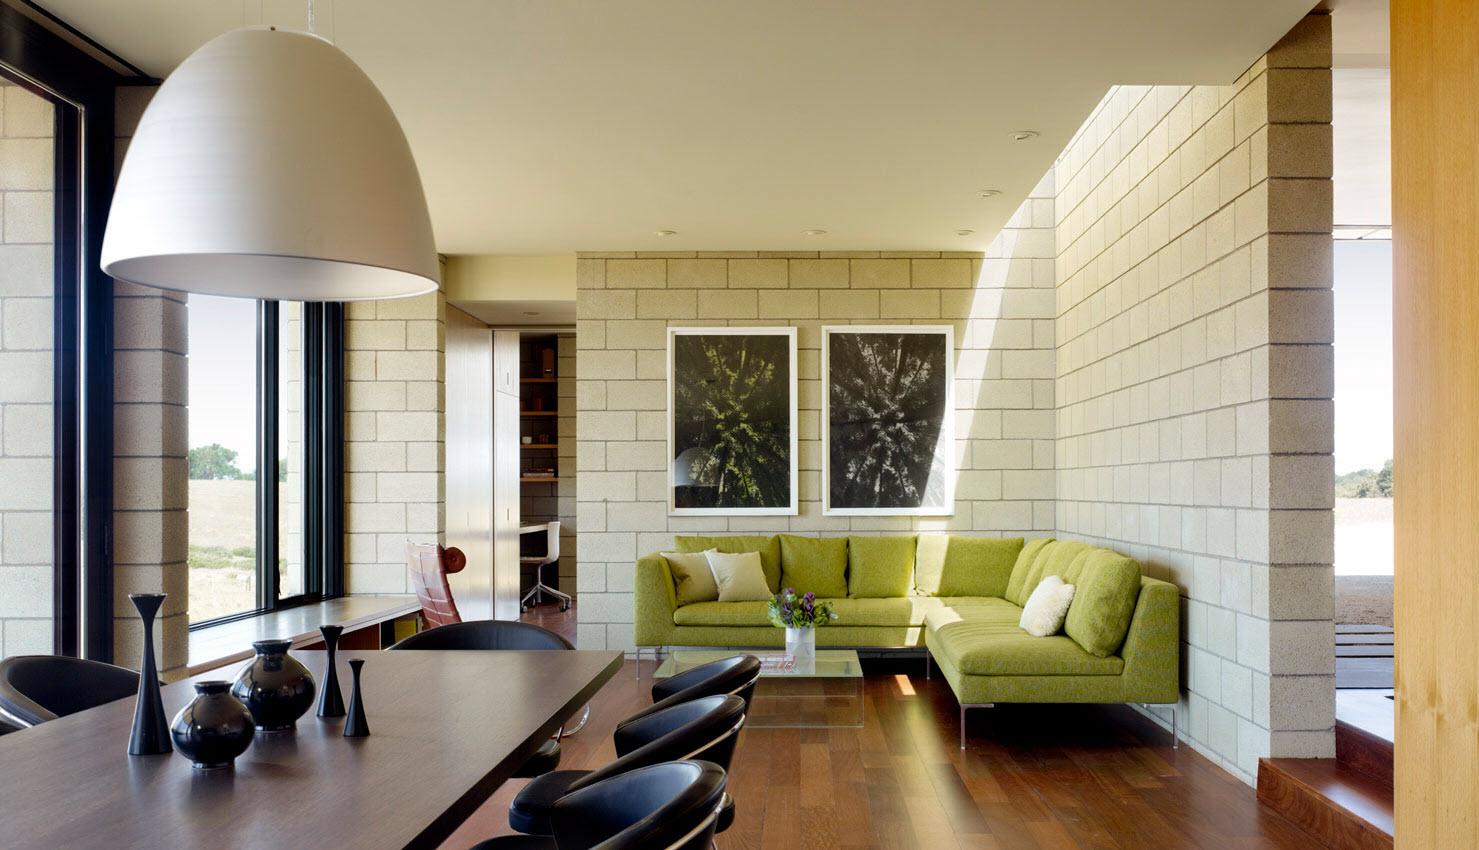 Dise o de casa moderna de un piso de ladrillo caravista for Diseno de interiores modernos casas